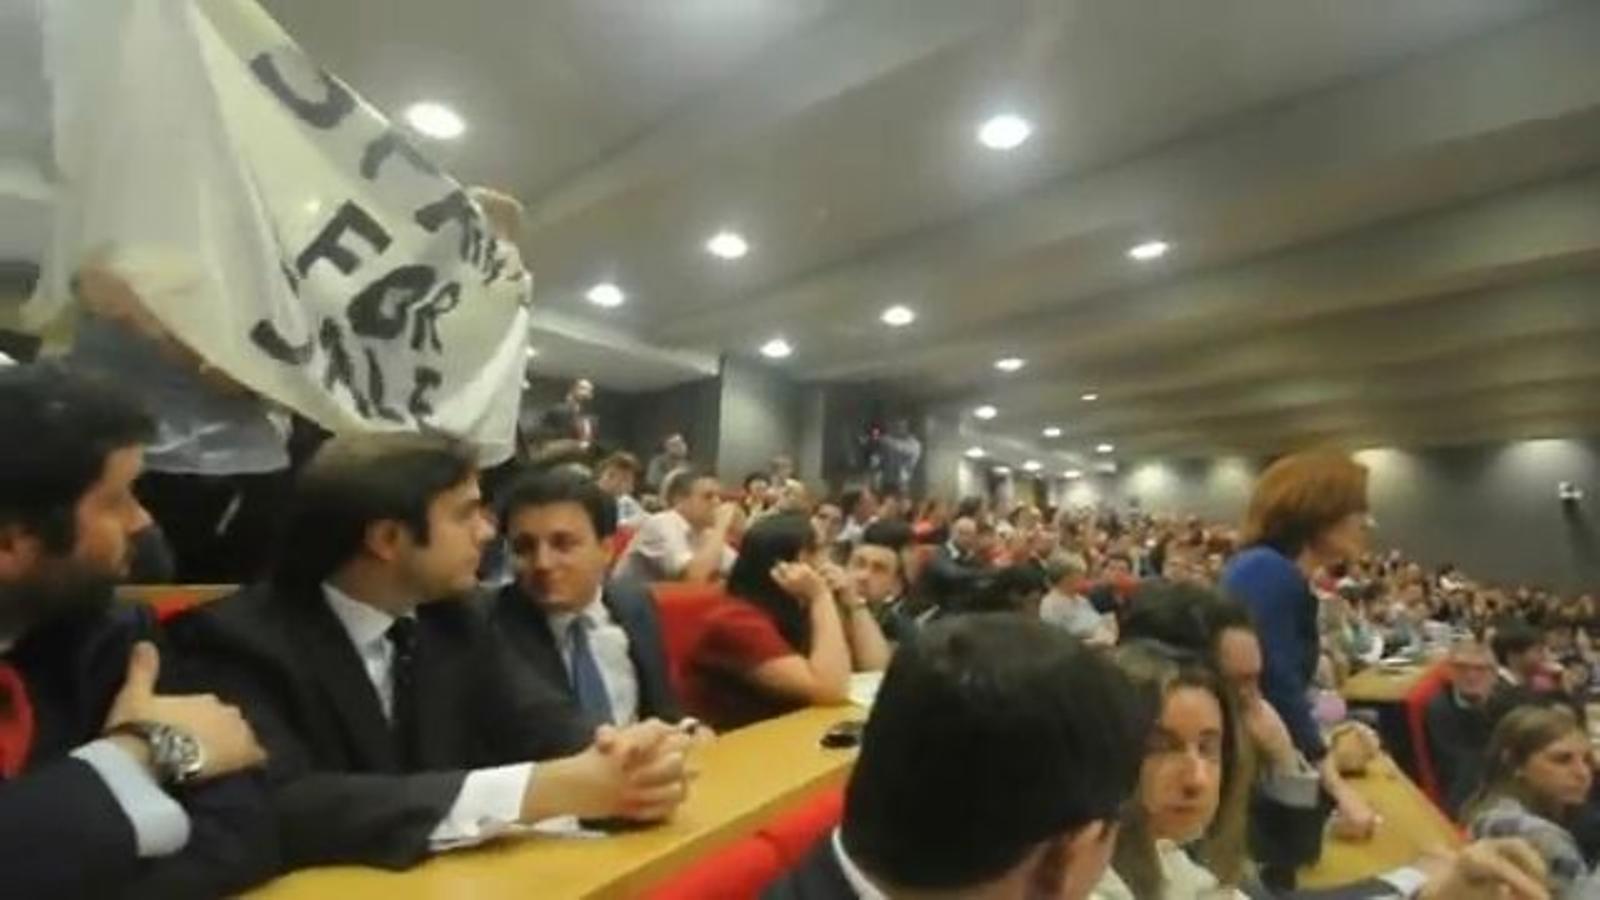 Espanya en venda: un grup d''indignats' interromp la conferència del ministre De Guindos a Londres